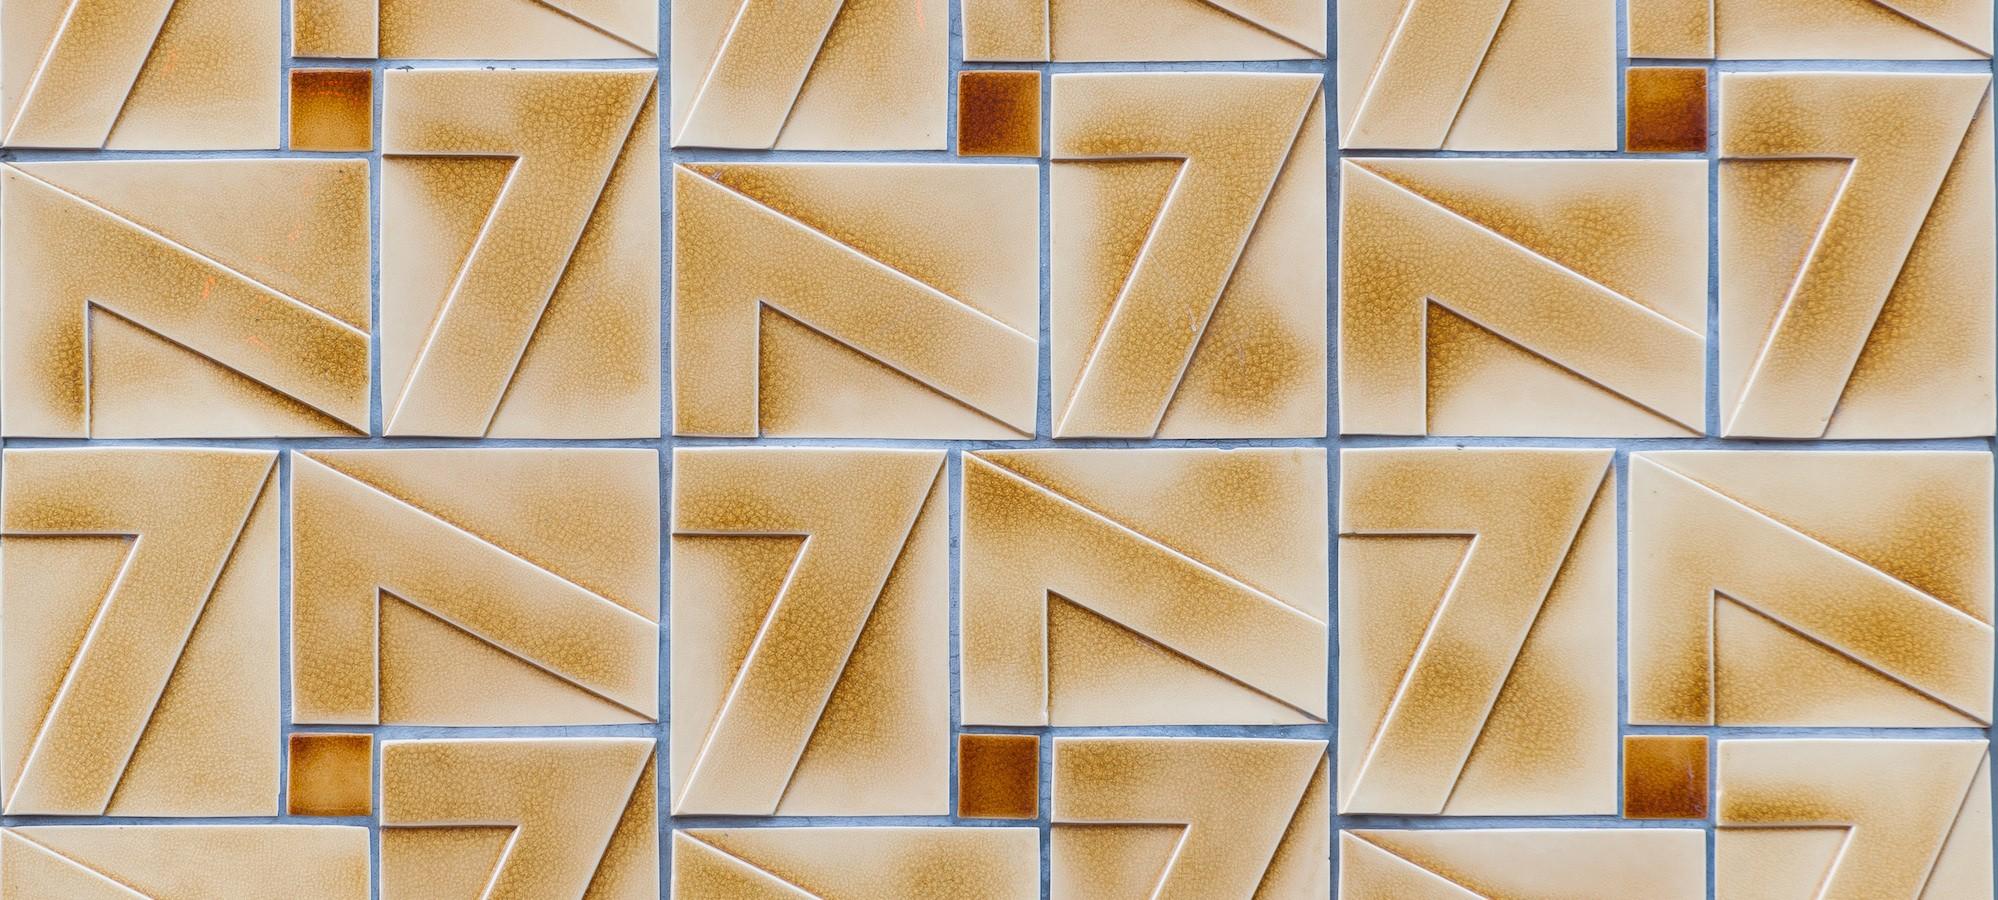 Geveltableau keramische tegels (Koninklijke Tichelaar Makkum)